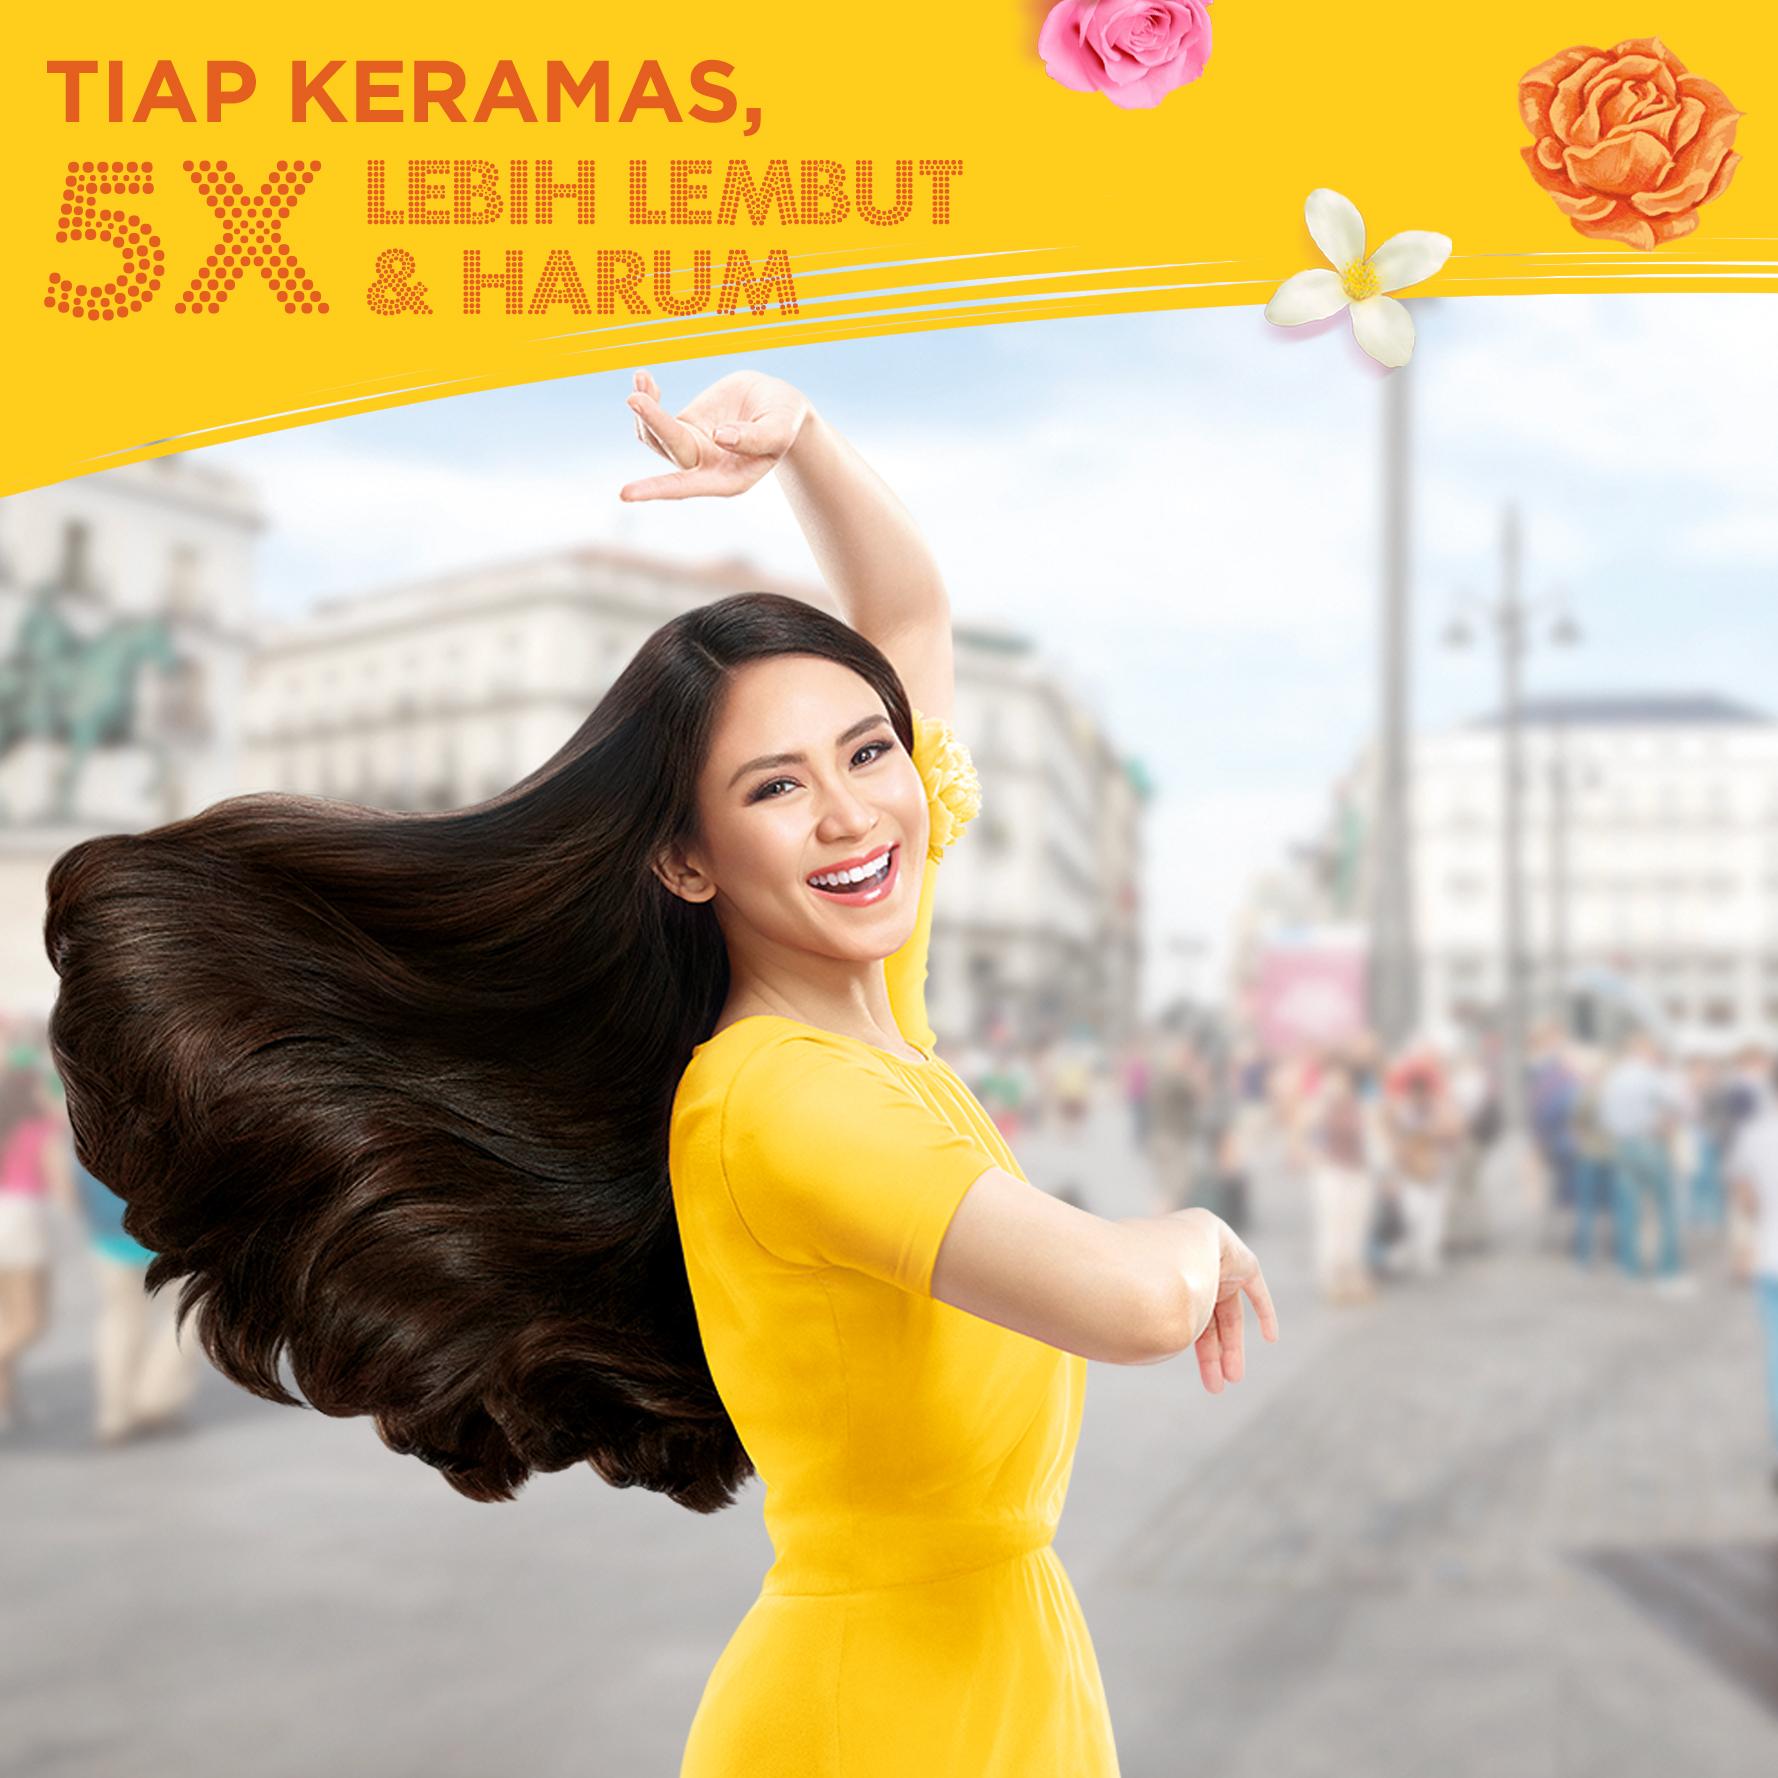 Sunsilk Shampoo Soft And Smooth 680 Ml - Shampo Rambut Halus, Shampo Pelembut Rambut-5